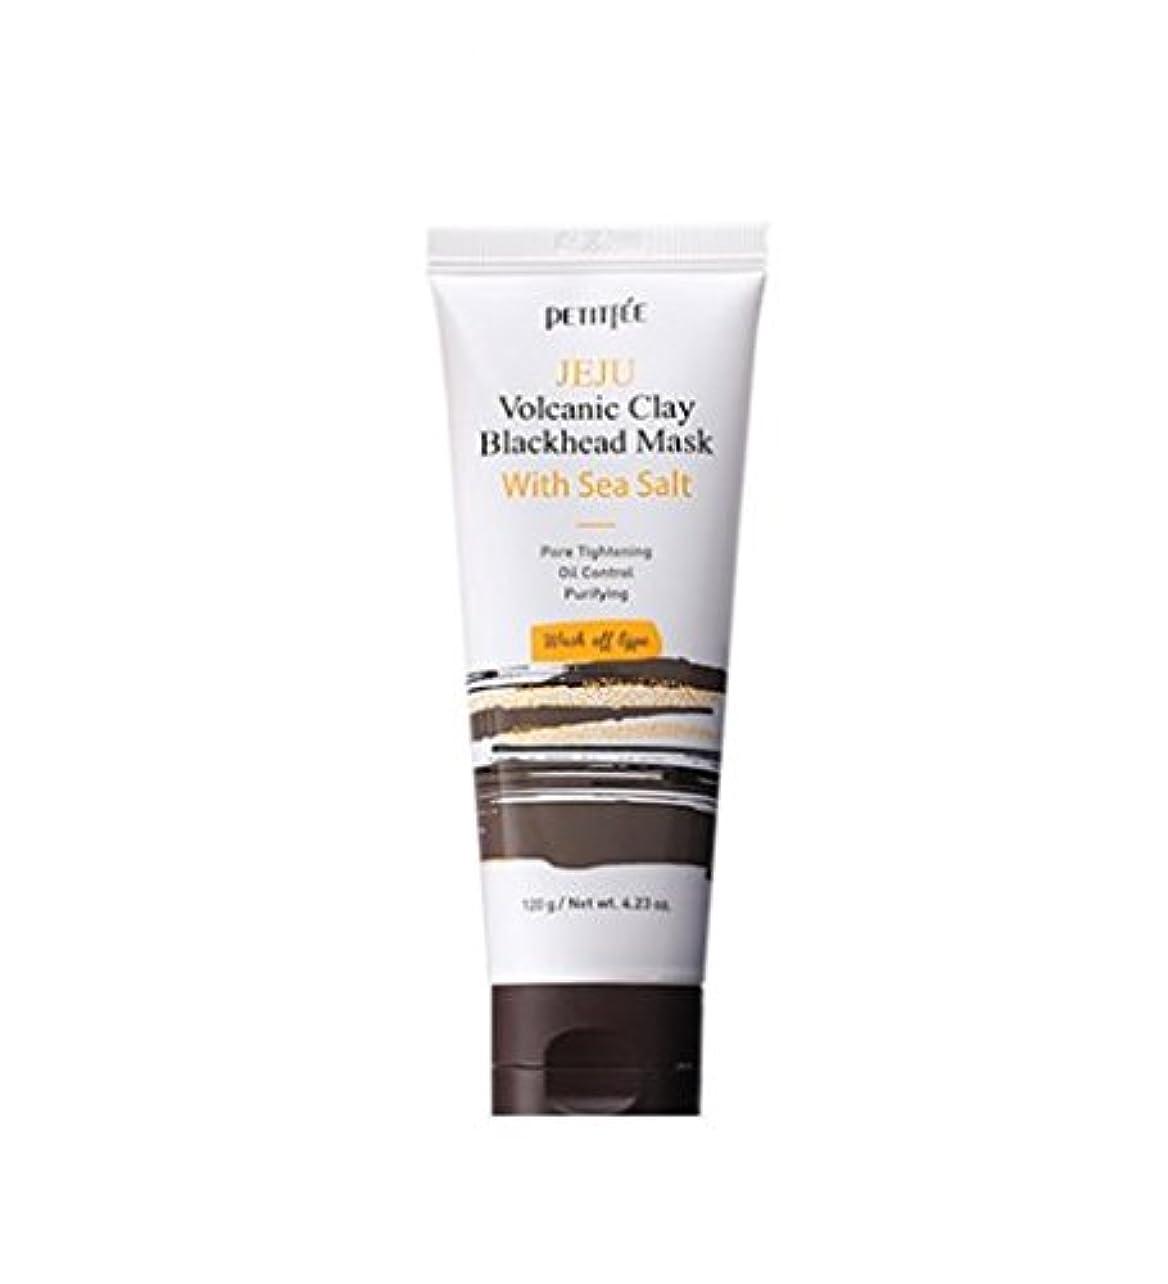 対処マグ低下PETITFEE (プチペ) JEJU 火山 クレー ブラックヘッド マスク ウィズ シーソルト/JEJU Volcanic Clay Blackhead Mask With Sea Salt (120g) [並行輸入品]